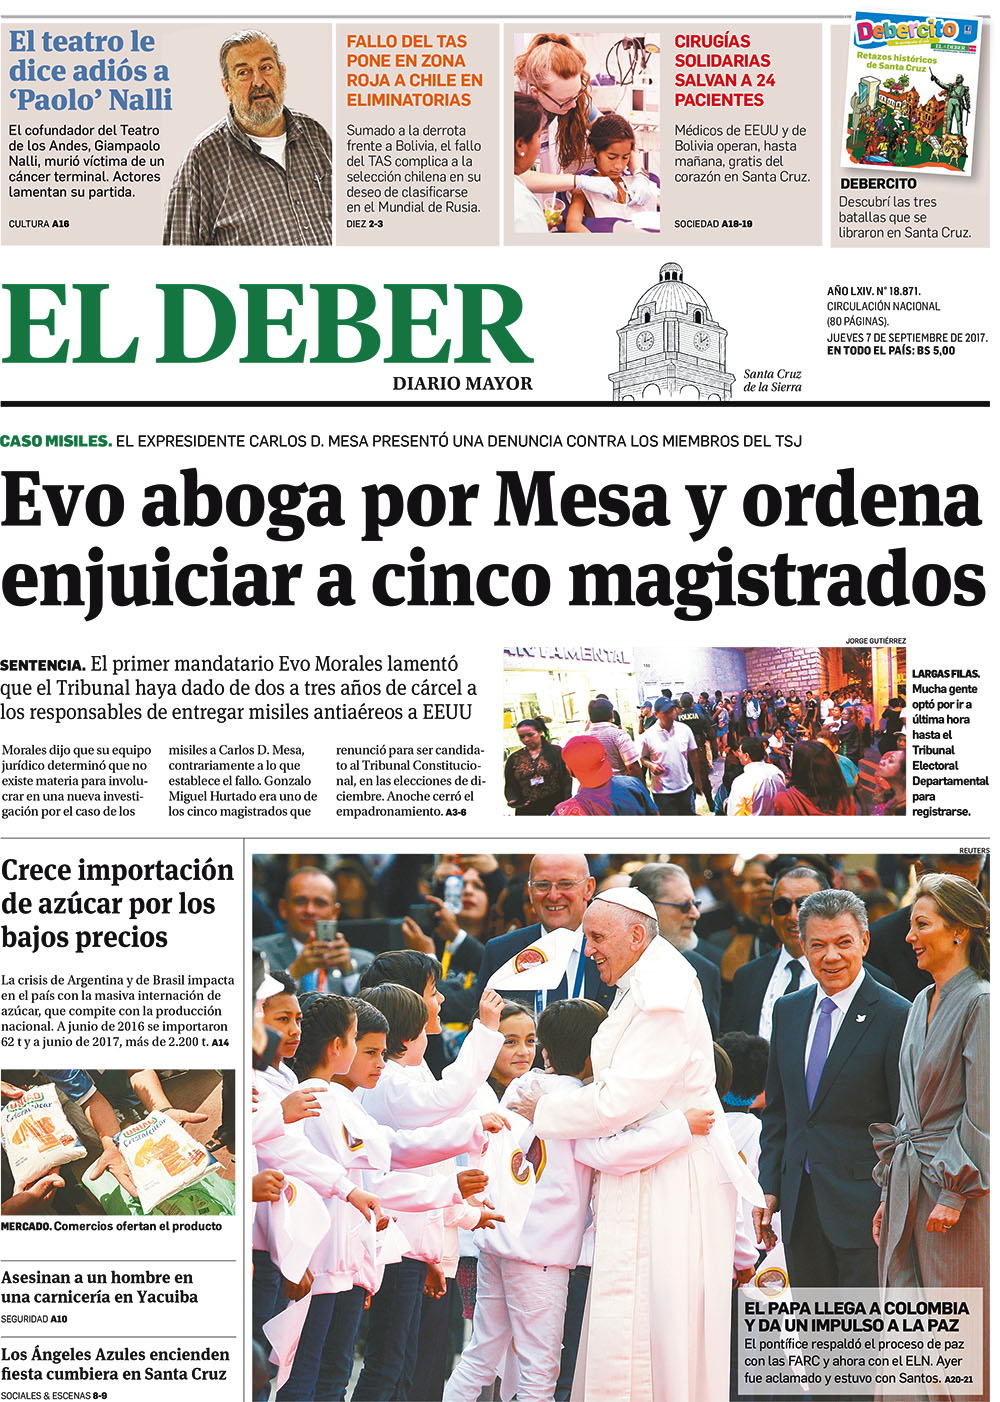 eldeber.com_.bo59b1314725c0c.jpg